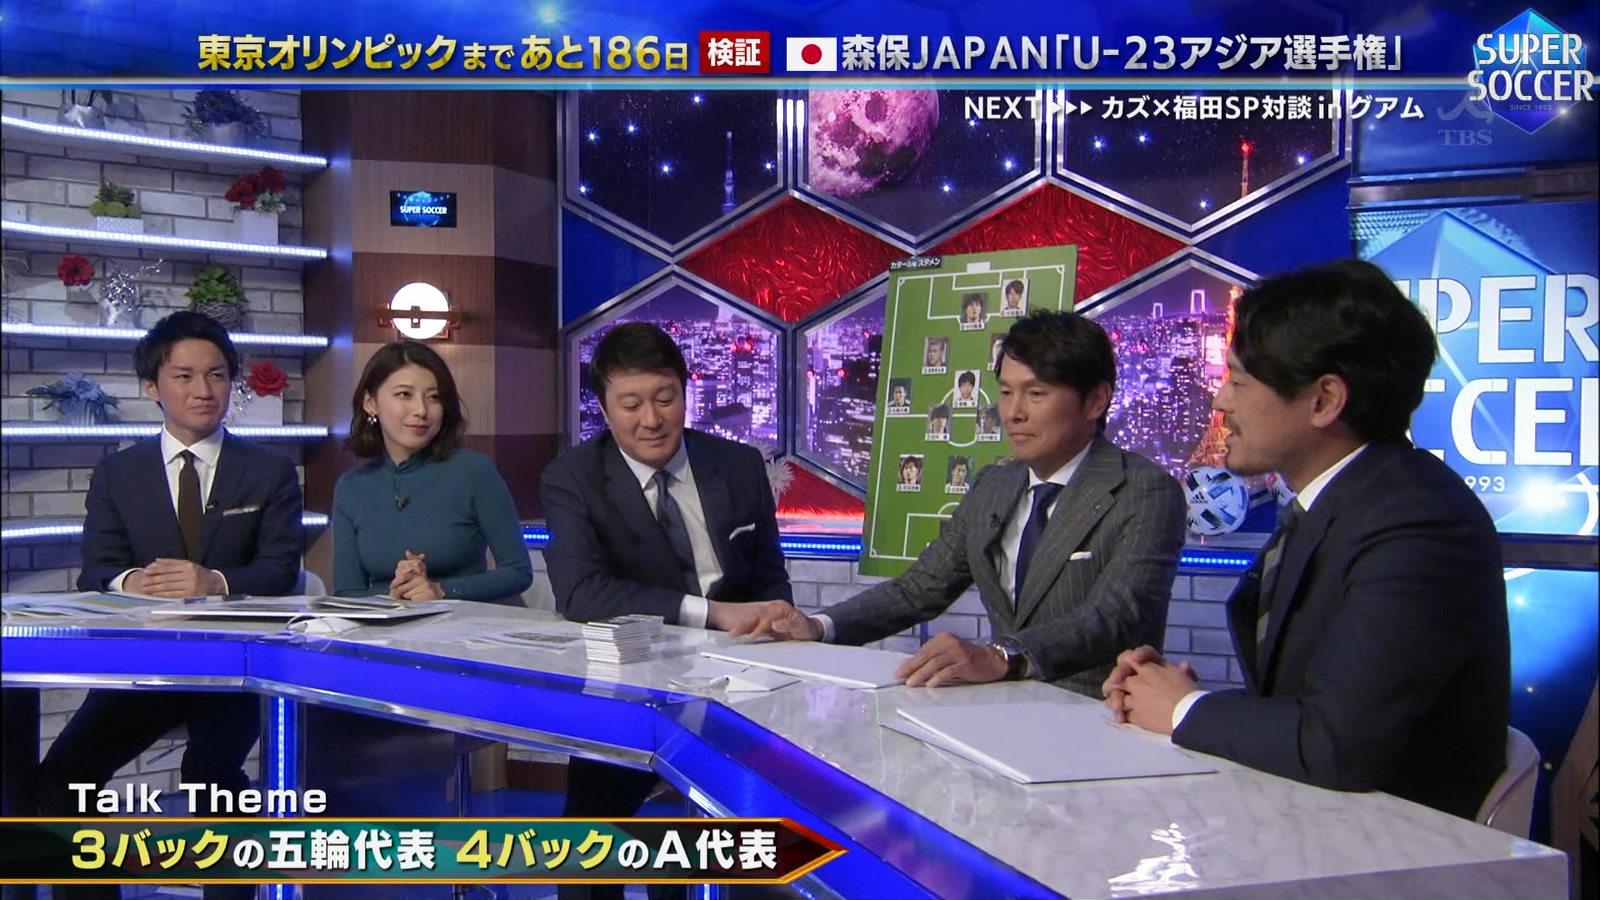 上村彩子_女子アナ_おっぱい_スーパーサッカー_14